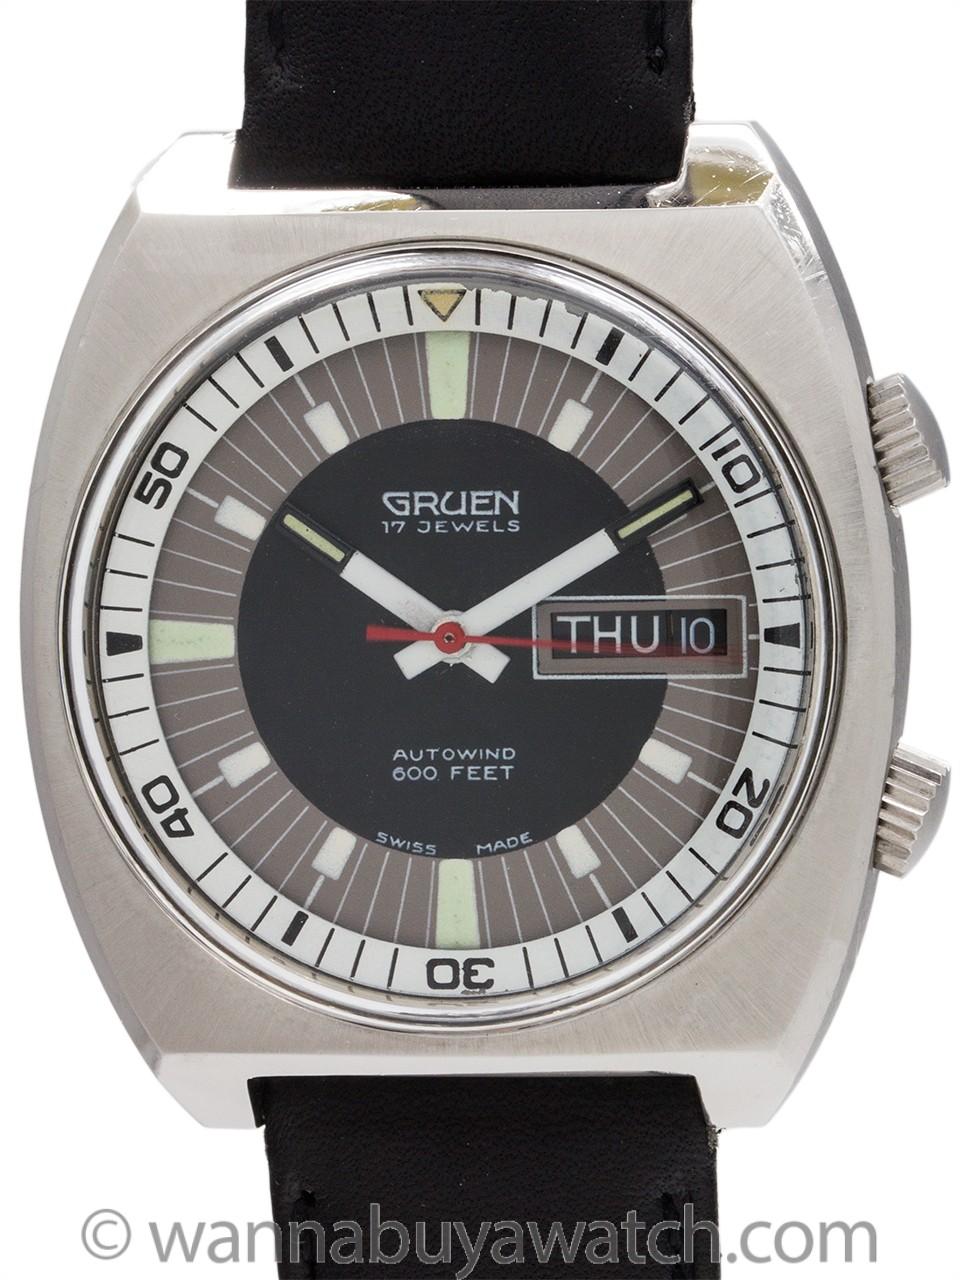 Gruen Automatic Diver Day-Date circa 1970's